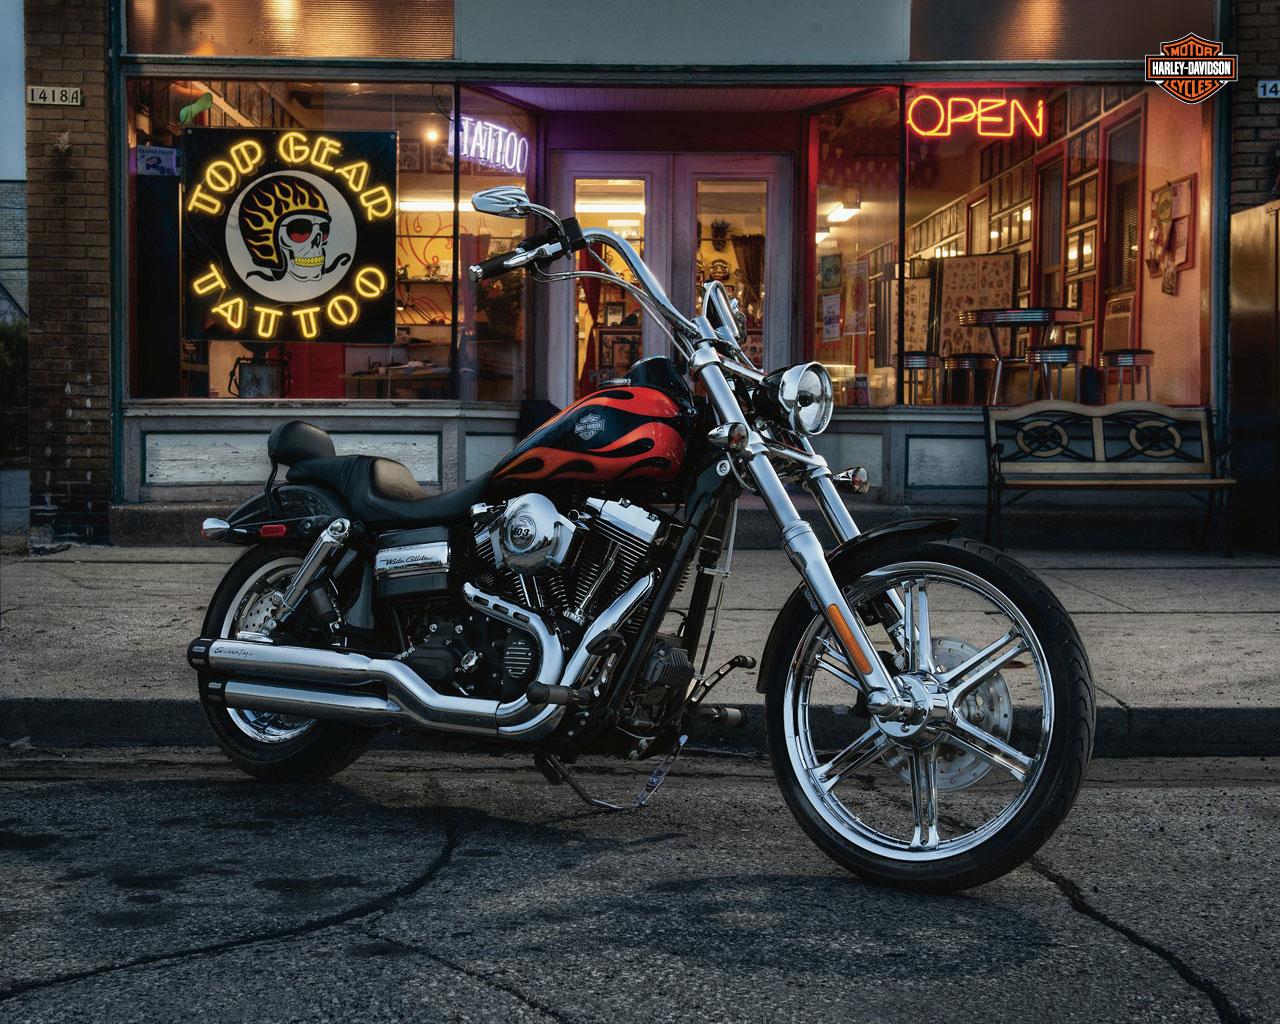 Harley Davidson Hintergrundbilder über Harley Davidson Hintergrundbilder